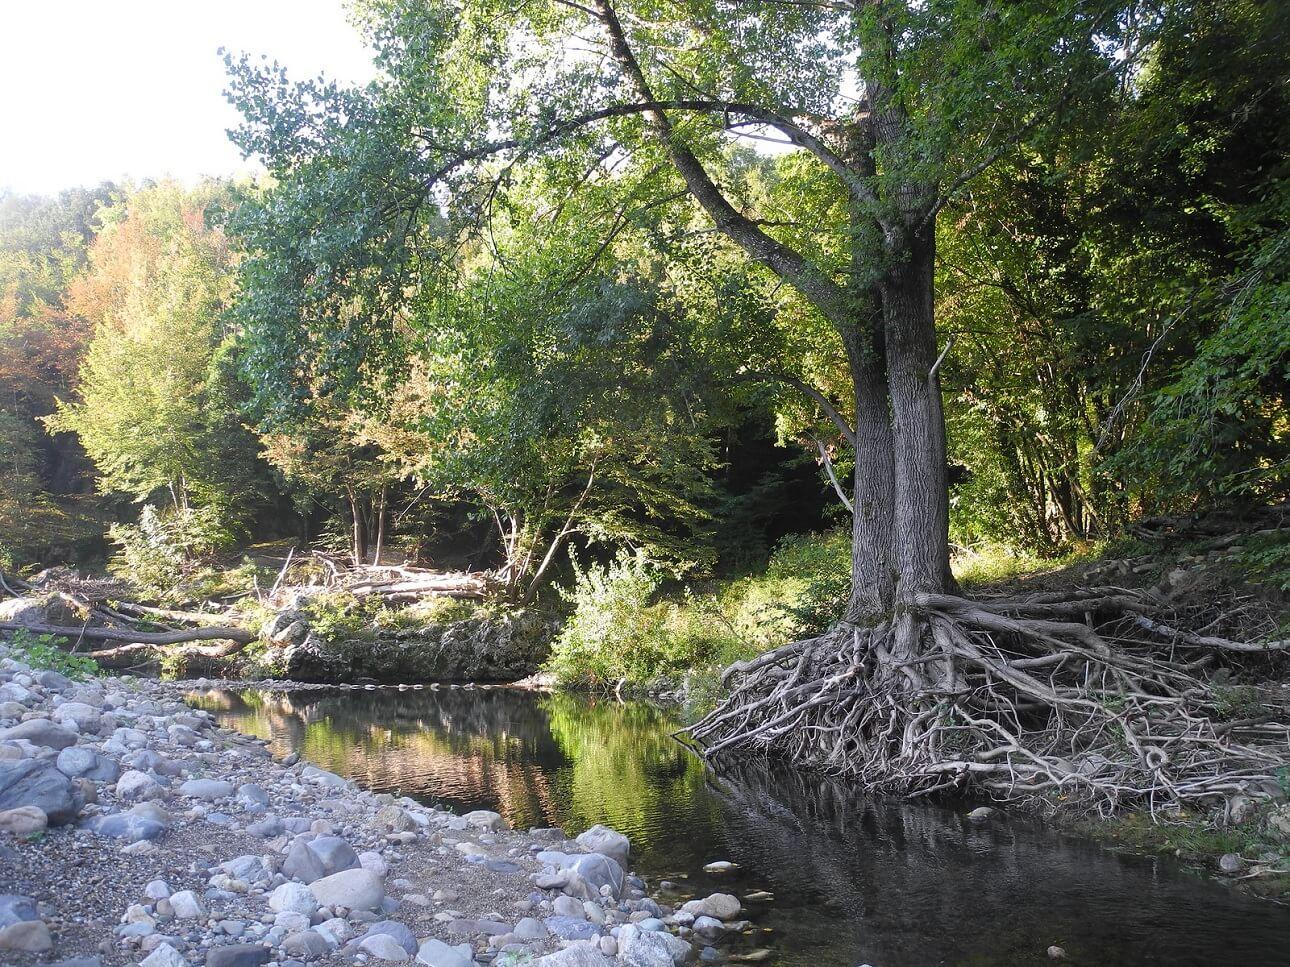 Le imponenti radici di un albero che affiorano lungo il fiume Farma